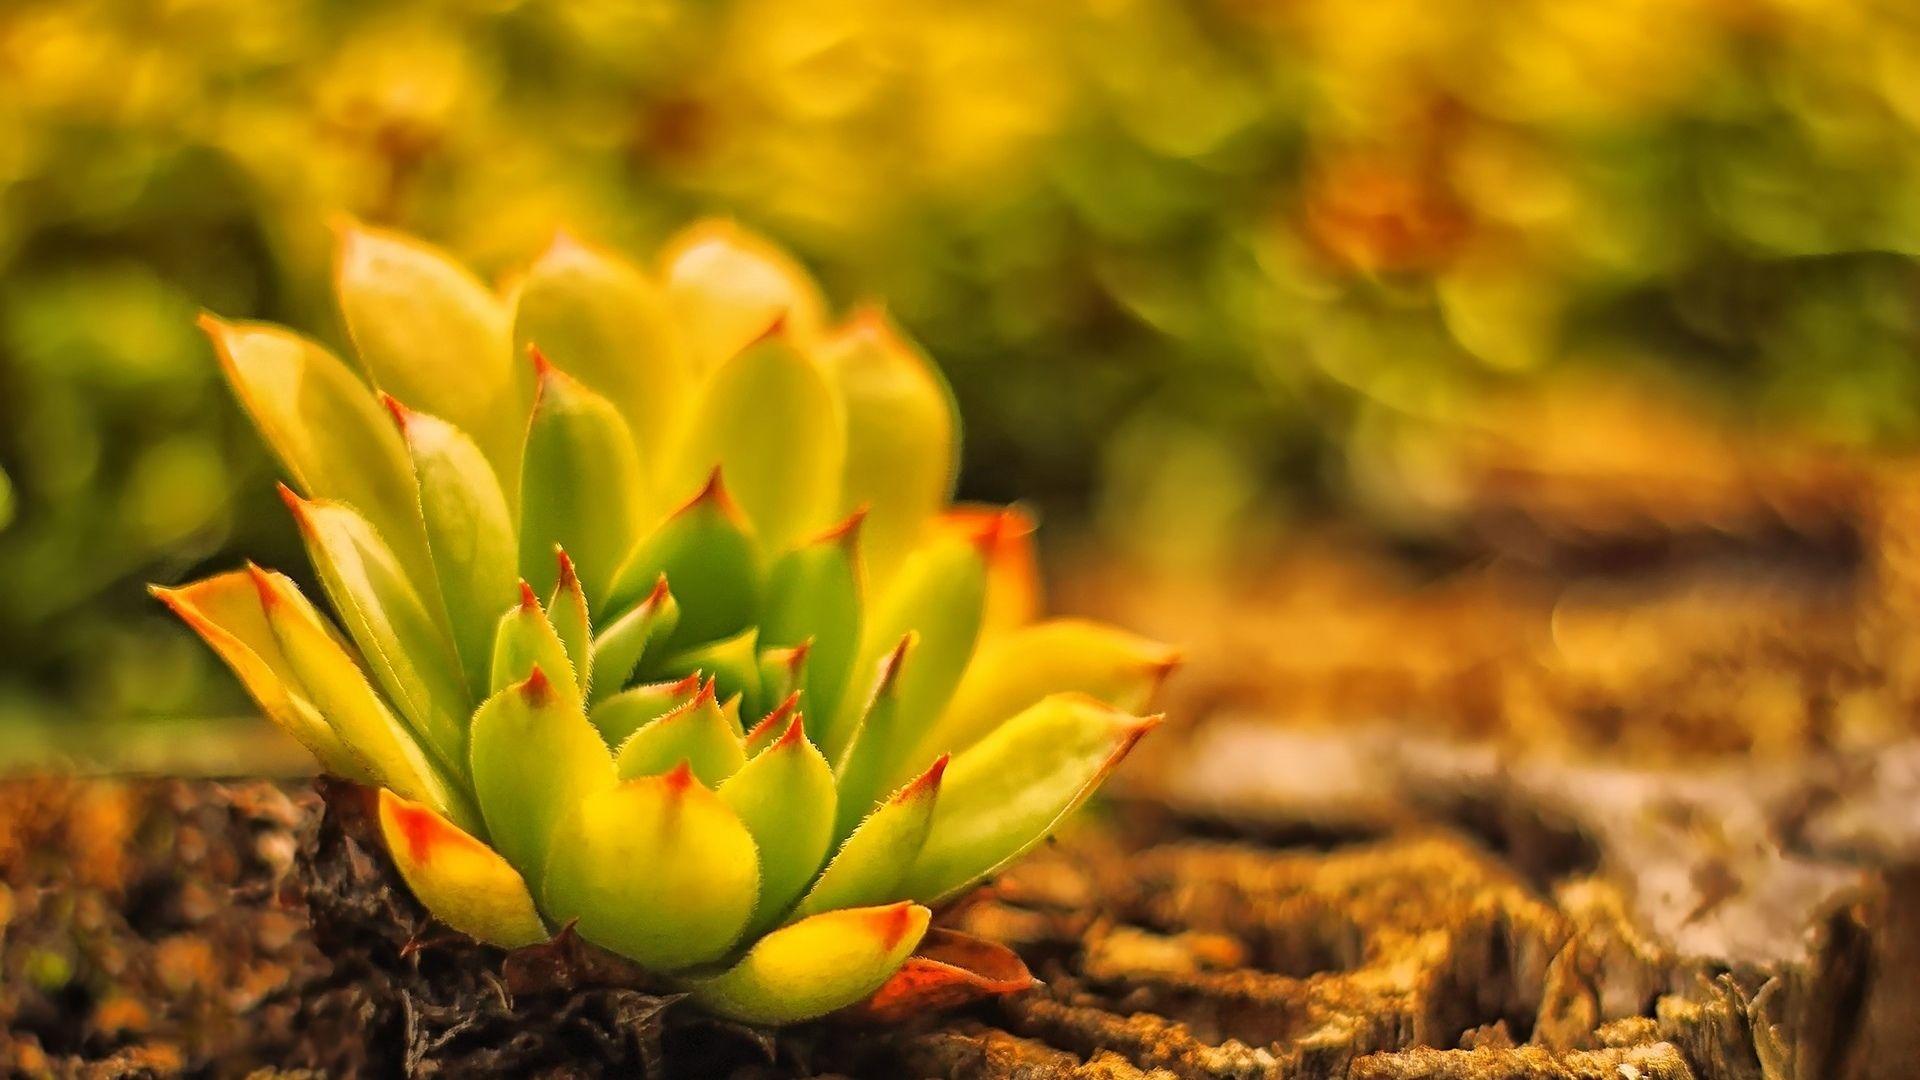 Succulent Download Wallpaper